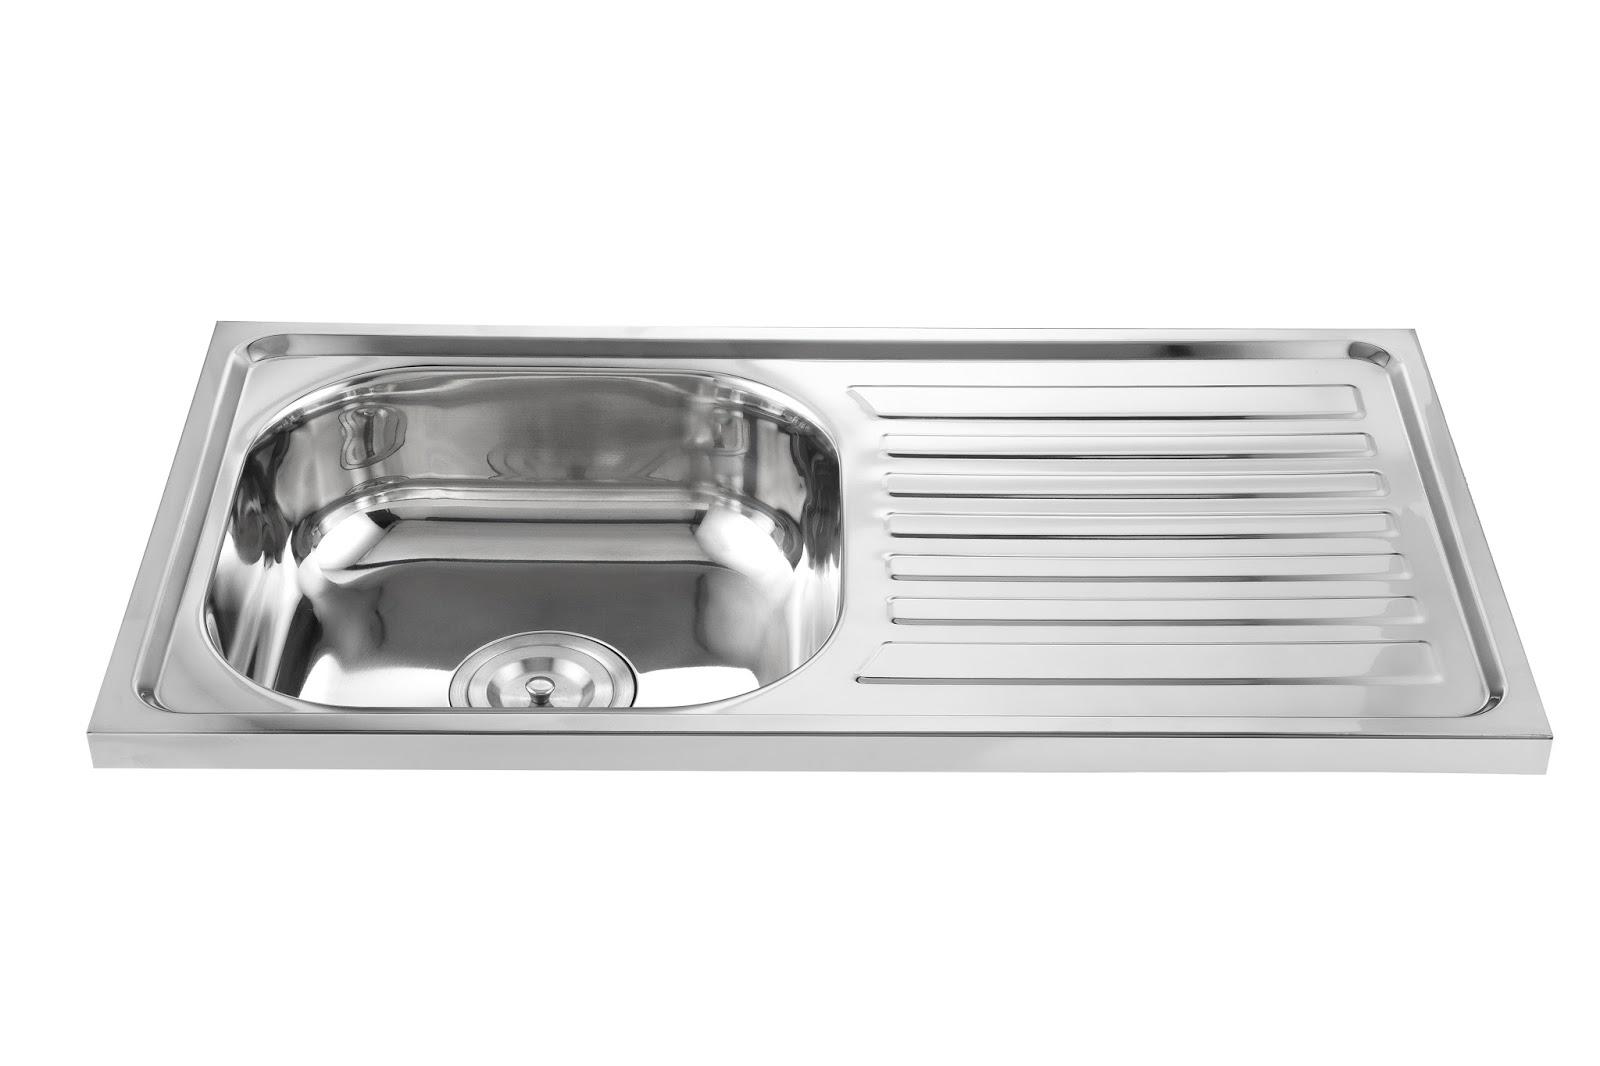 . Stainless Steel Kitchen Sink Manufacturer  cheap kitchen cabinets